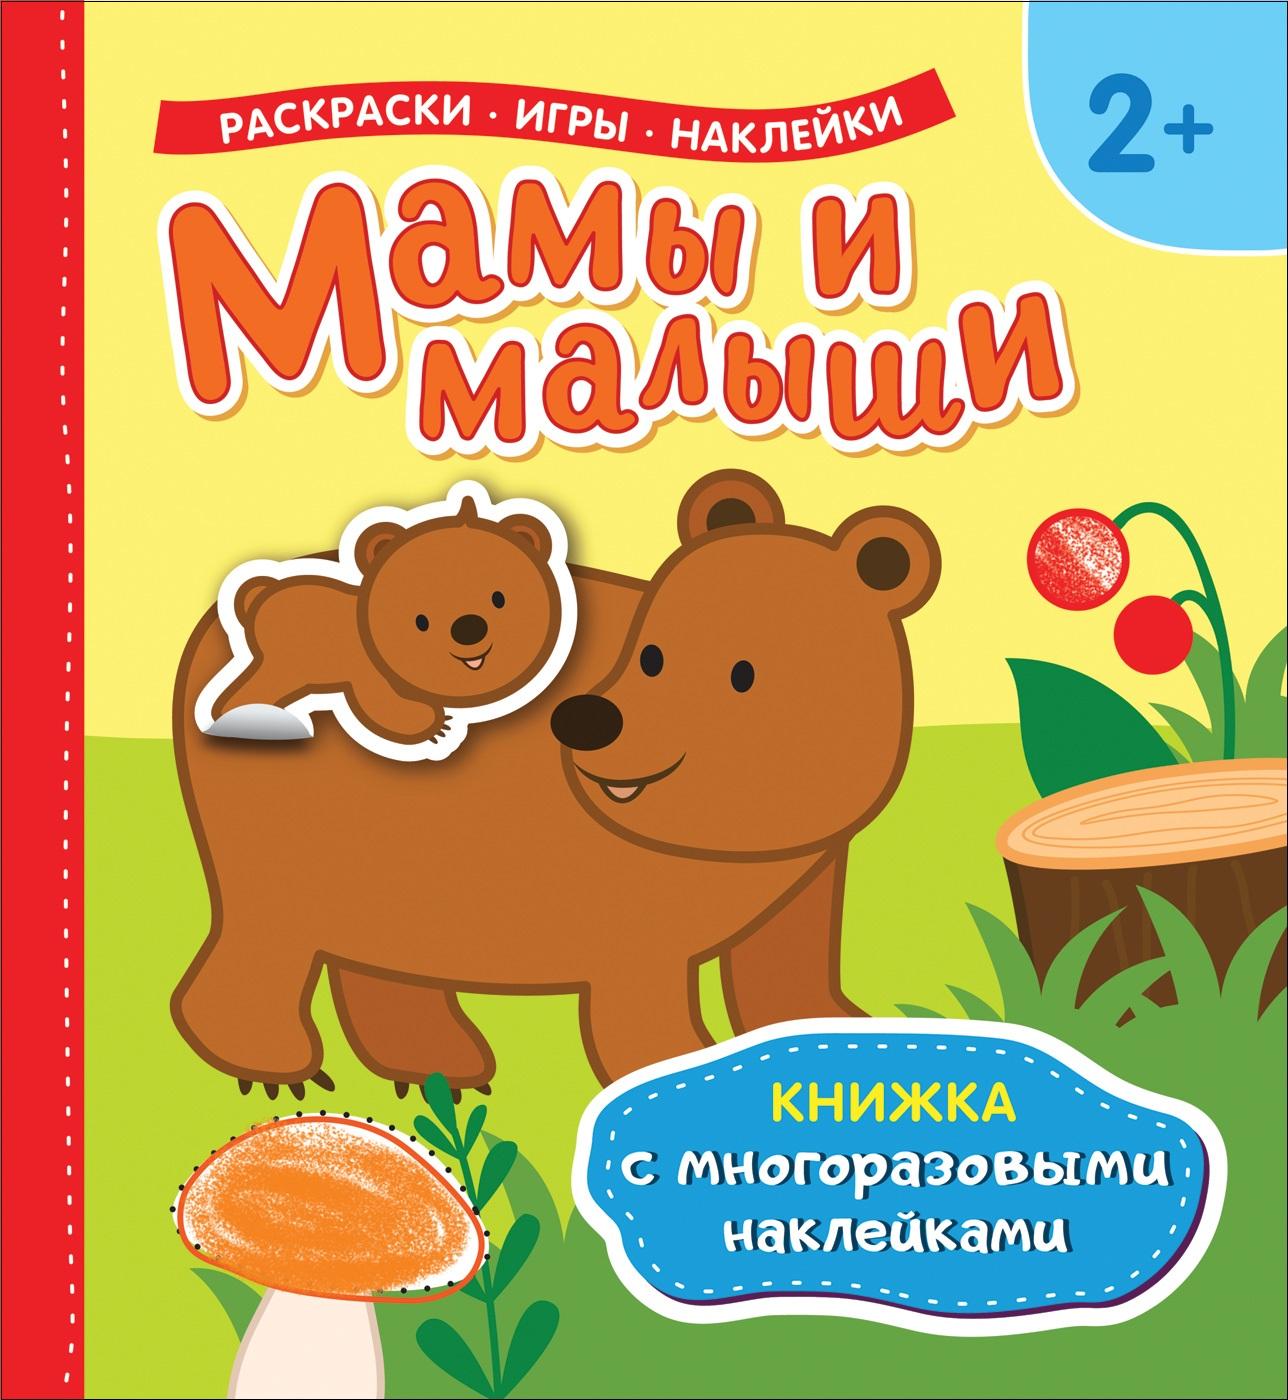 Котятова Н. И. Мамы и малыши (Книжка с многоразовыми наклейками) соко мари кролик книжка с многоразовыми наклейками